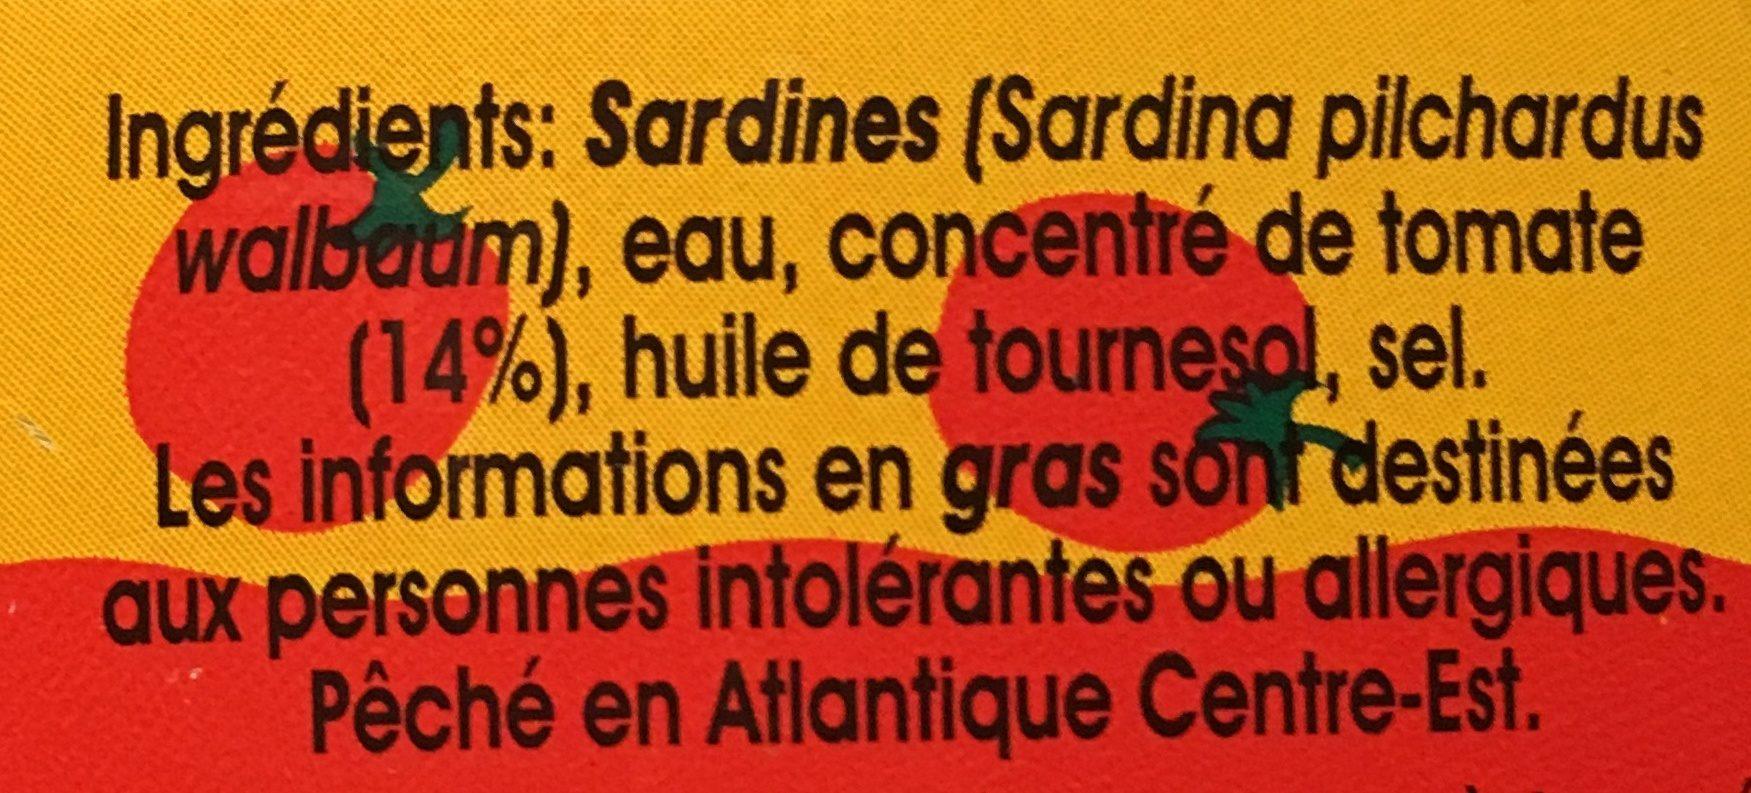 Pilchards sardines à la sauce tomate - Ingrédients - fr